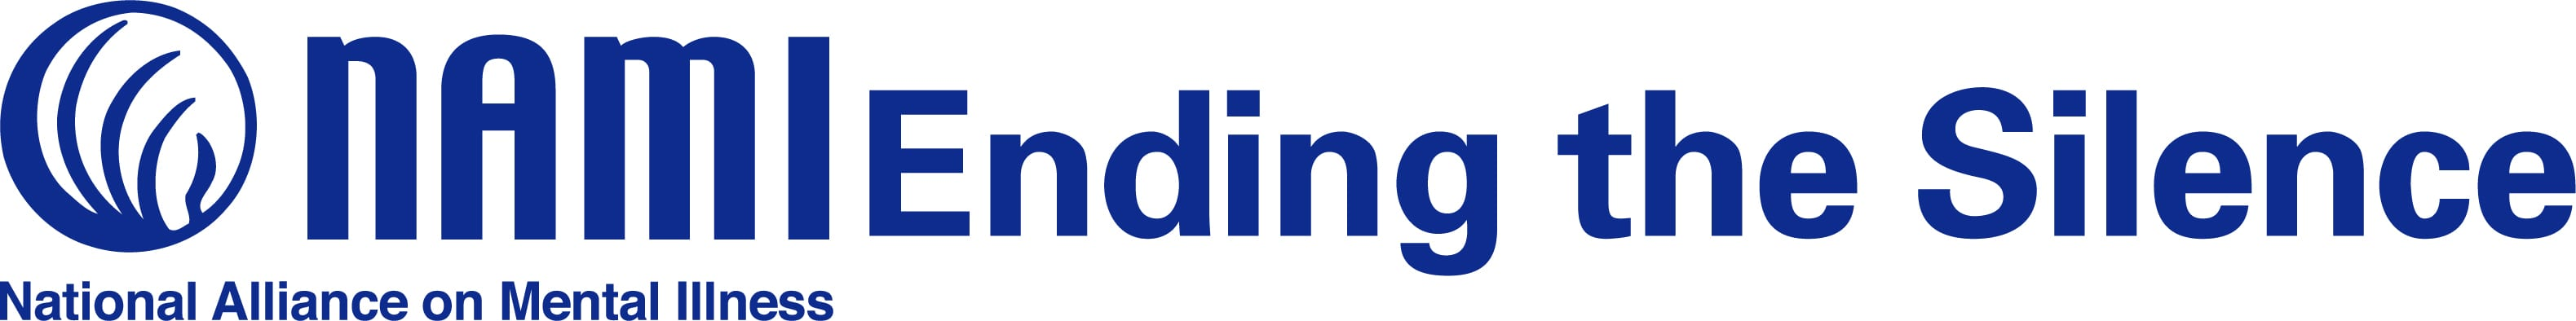 NAMI Ending the Silence logo